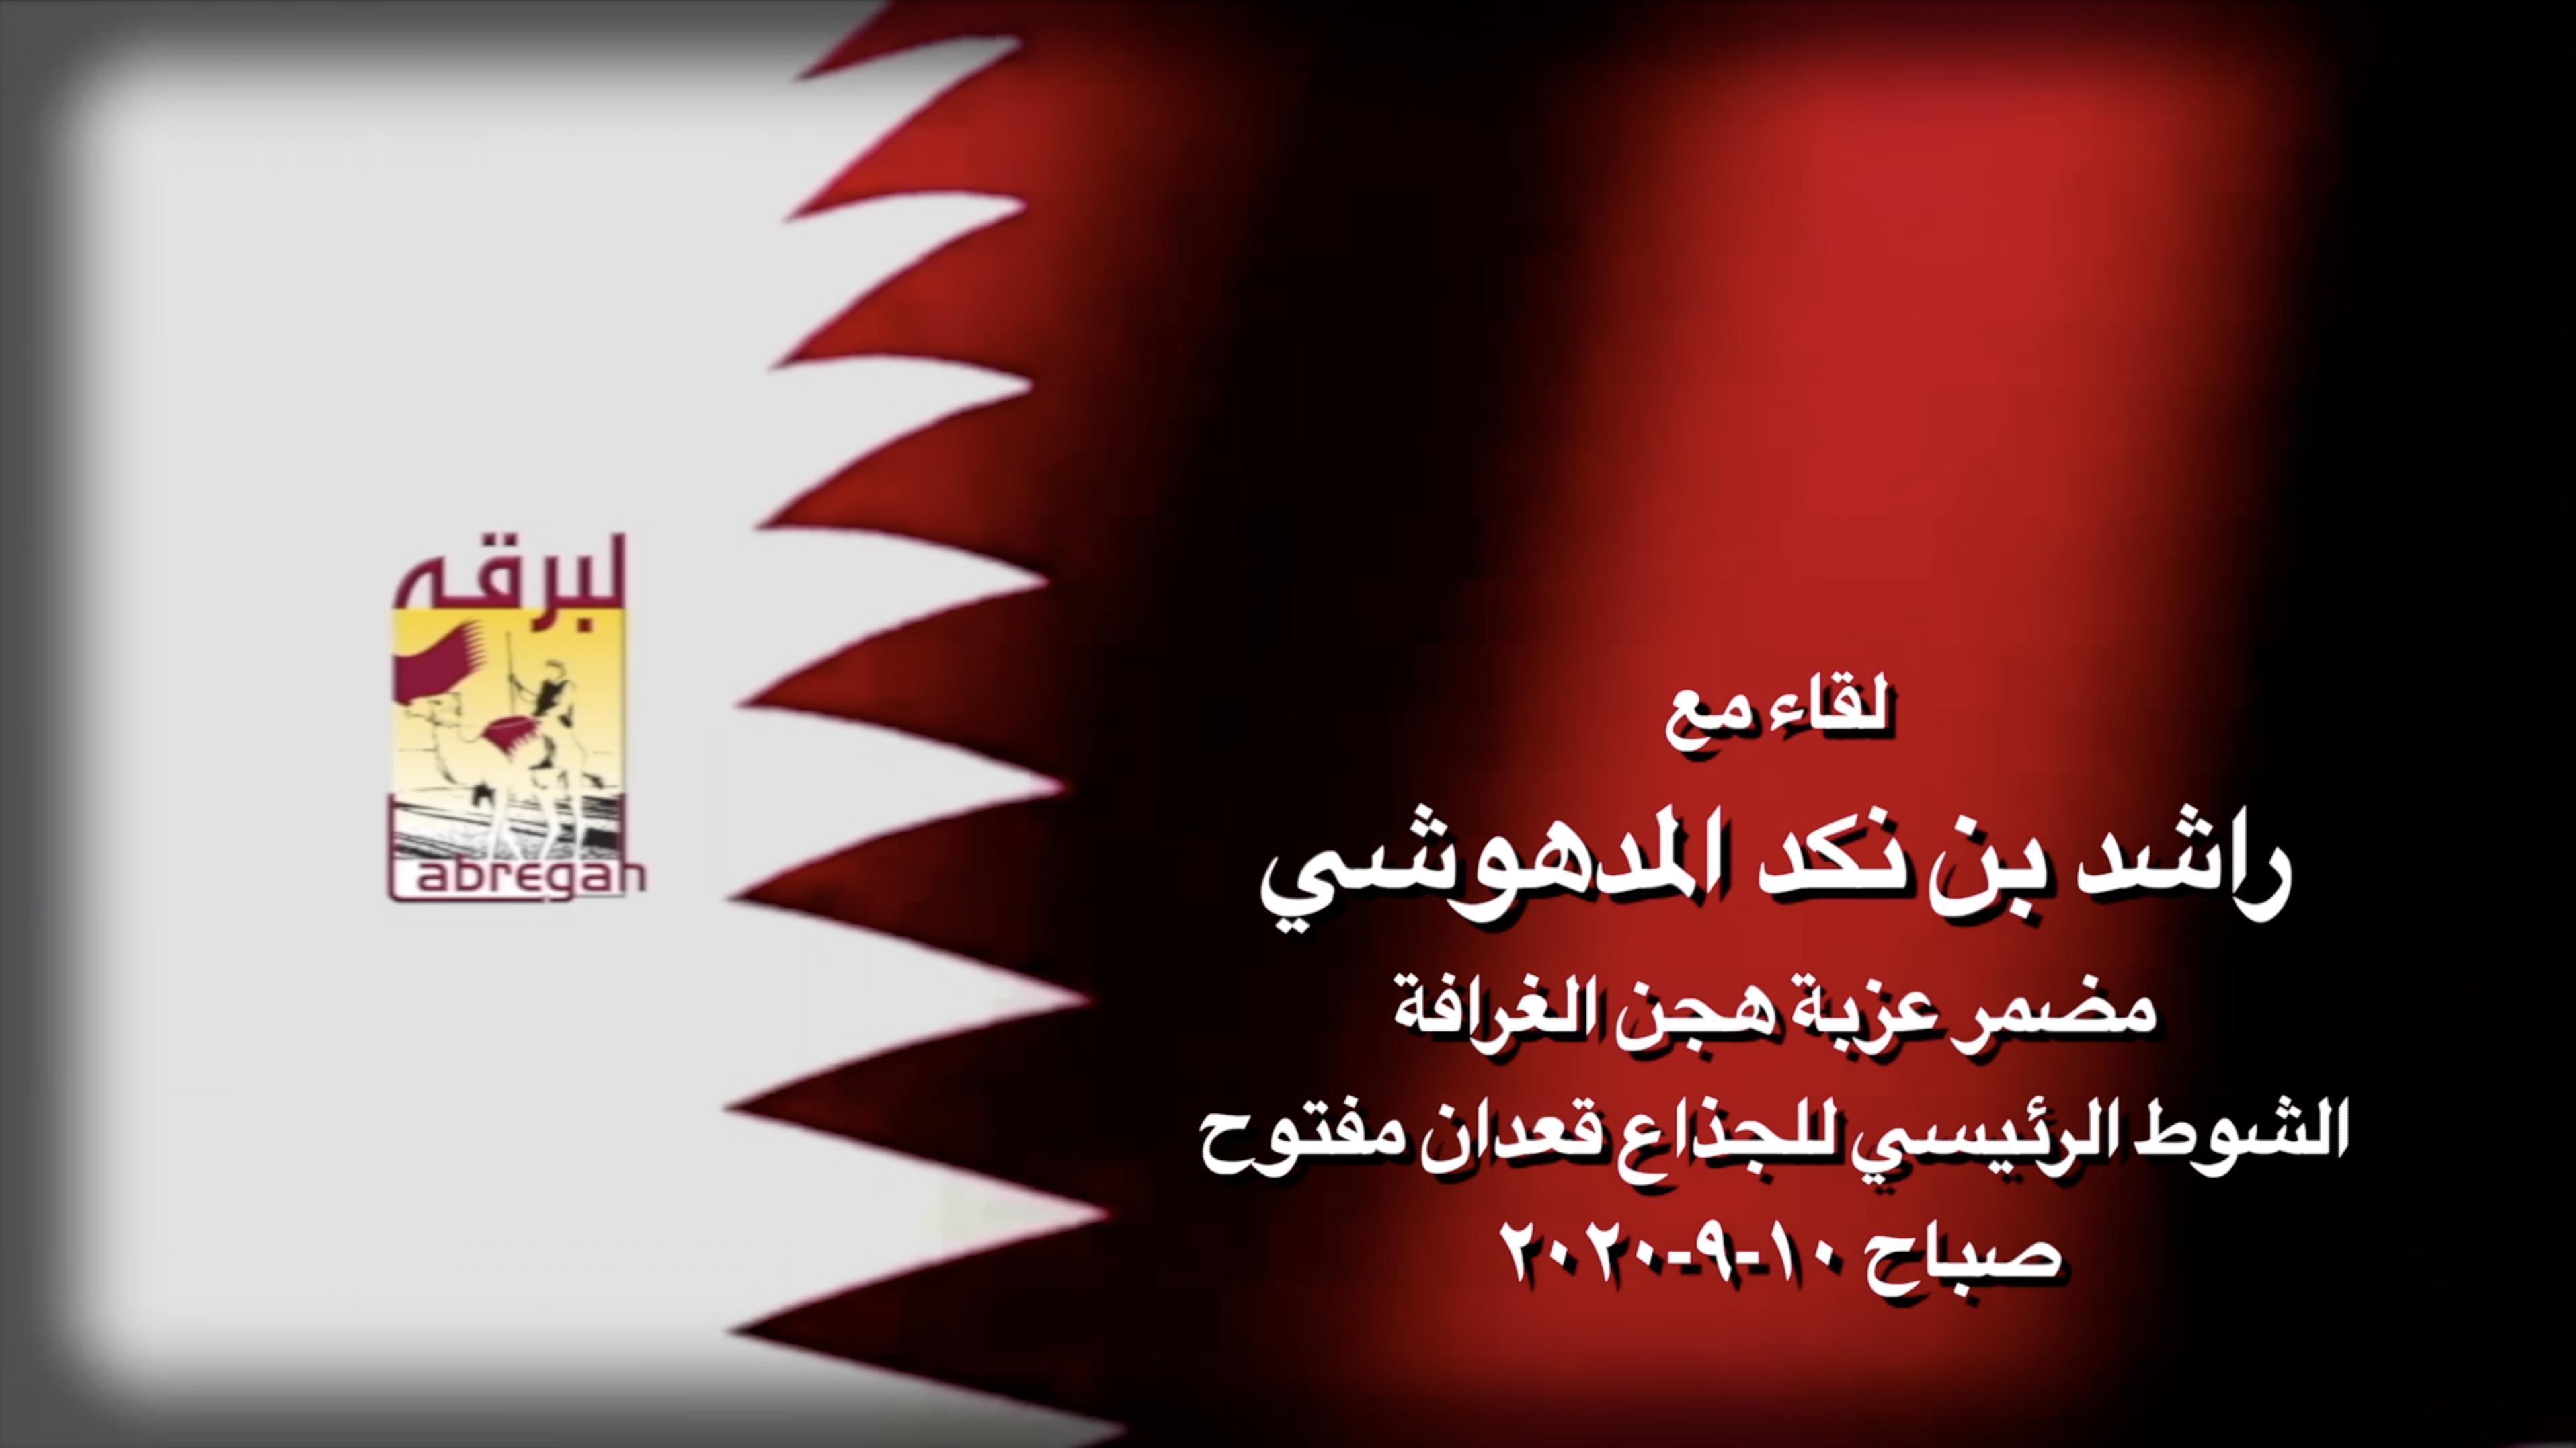 لقاء مع راشد بن نكد المدهوشي.. مضمر عزبة هجن الغرافة الشوط الرئيسي للجذاع قعدان مفتوح صباح ١٠-٩-٢٠٢٠